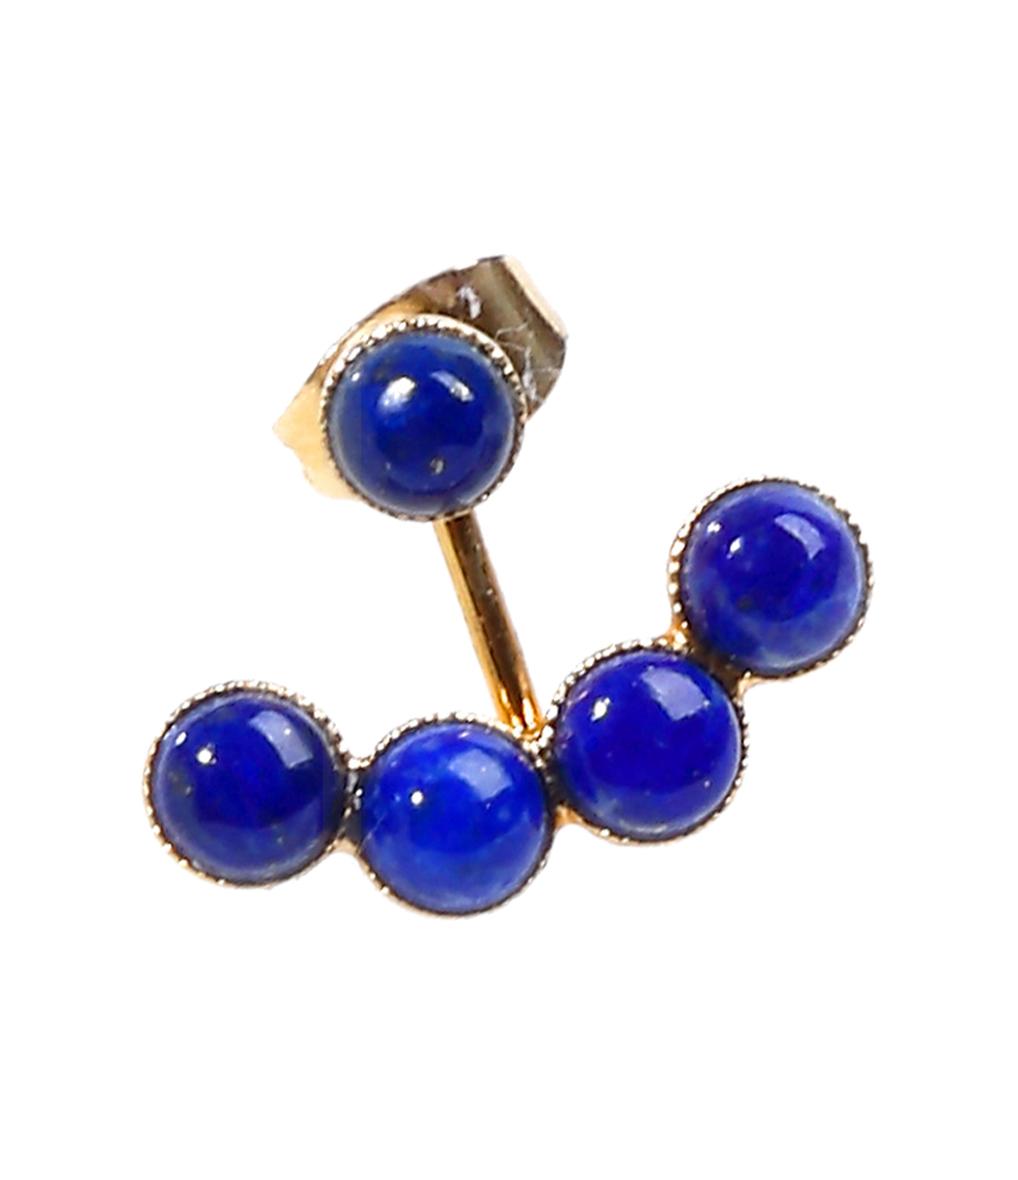 Boucles d'oreilles Five Plaqué Or Lapis Lazuli (vendue à l'unité)